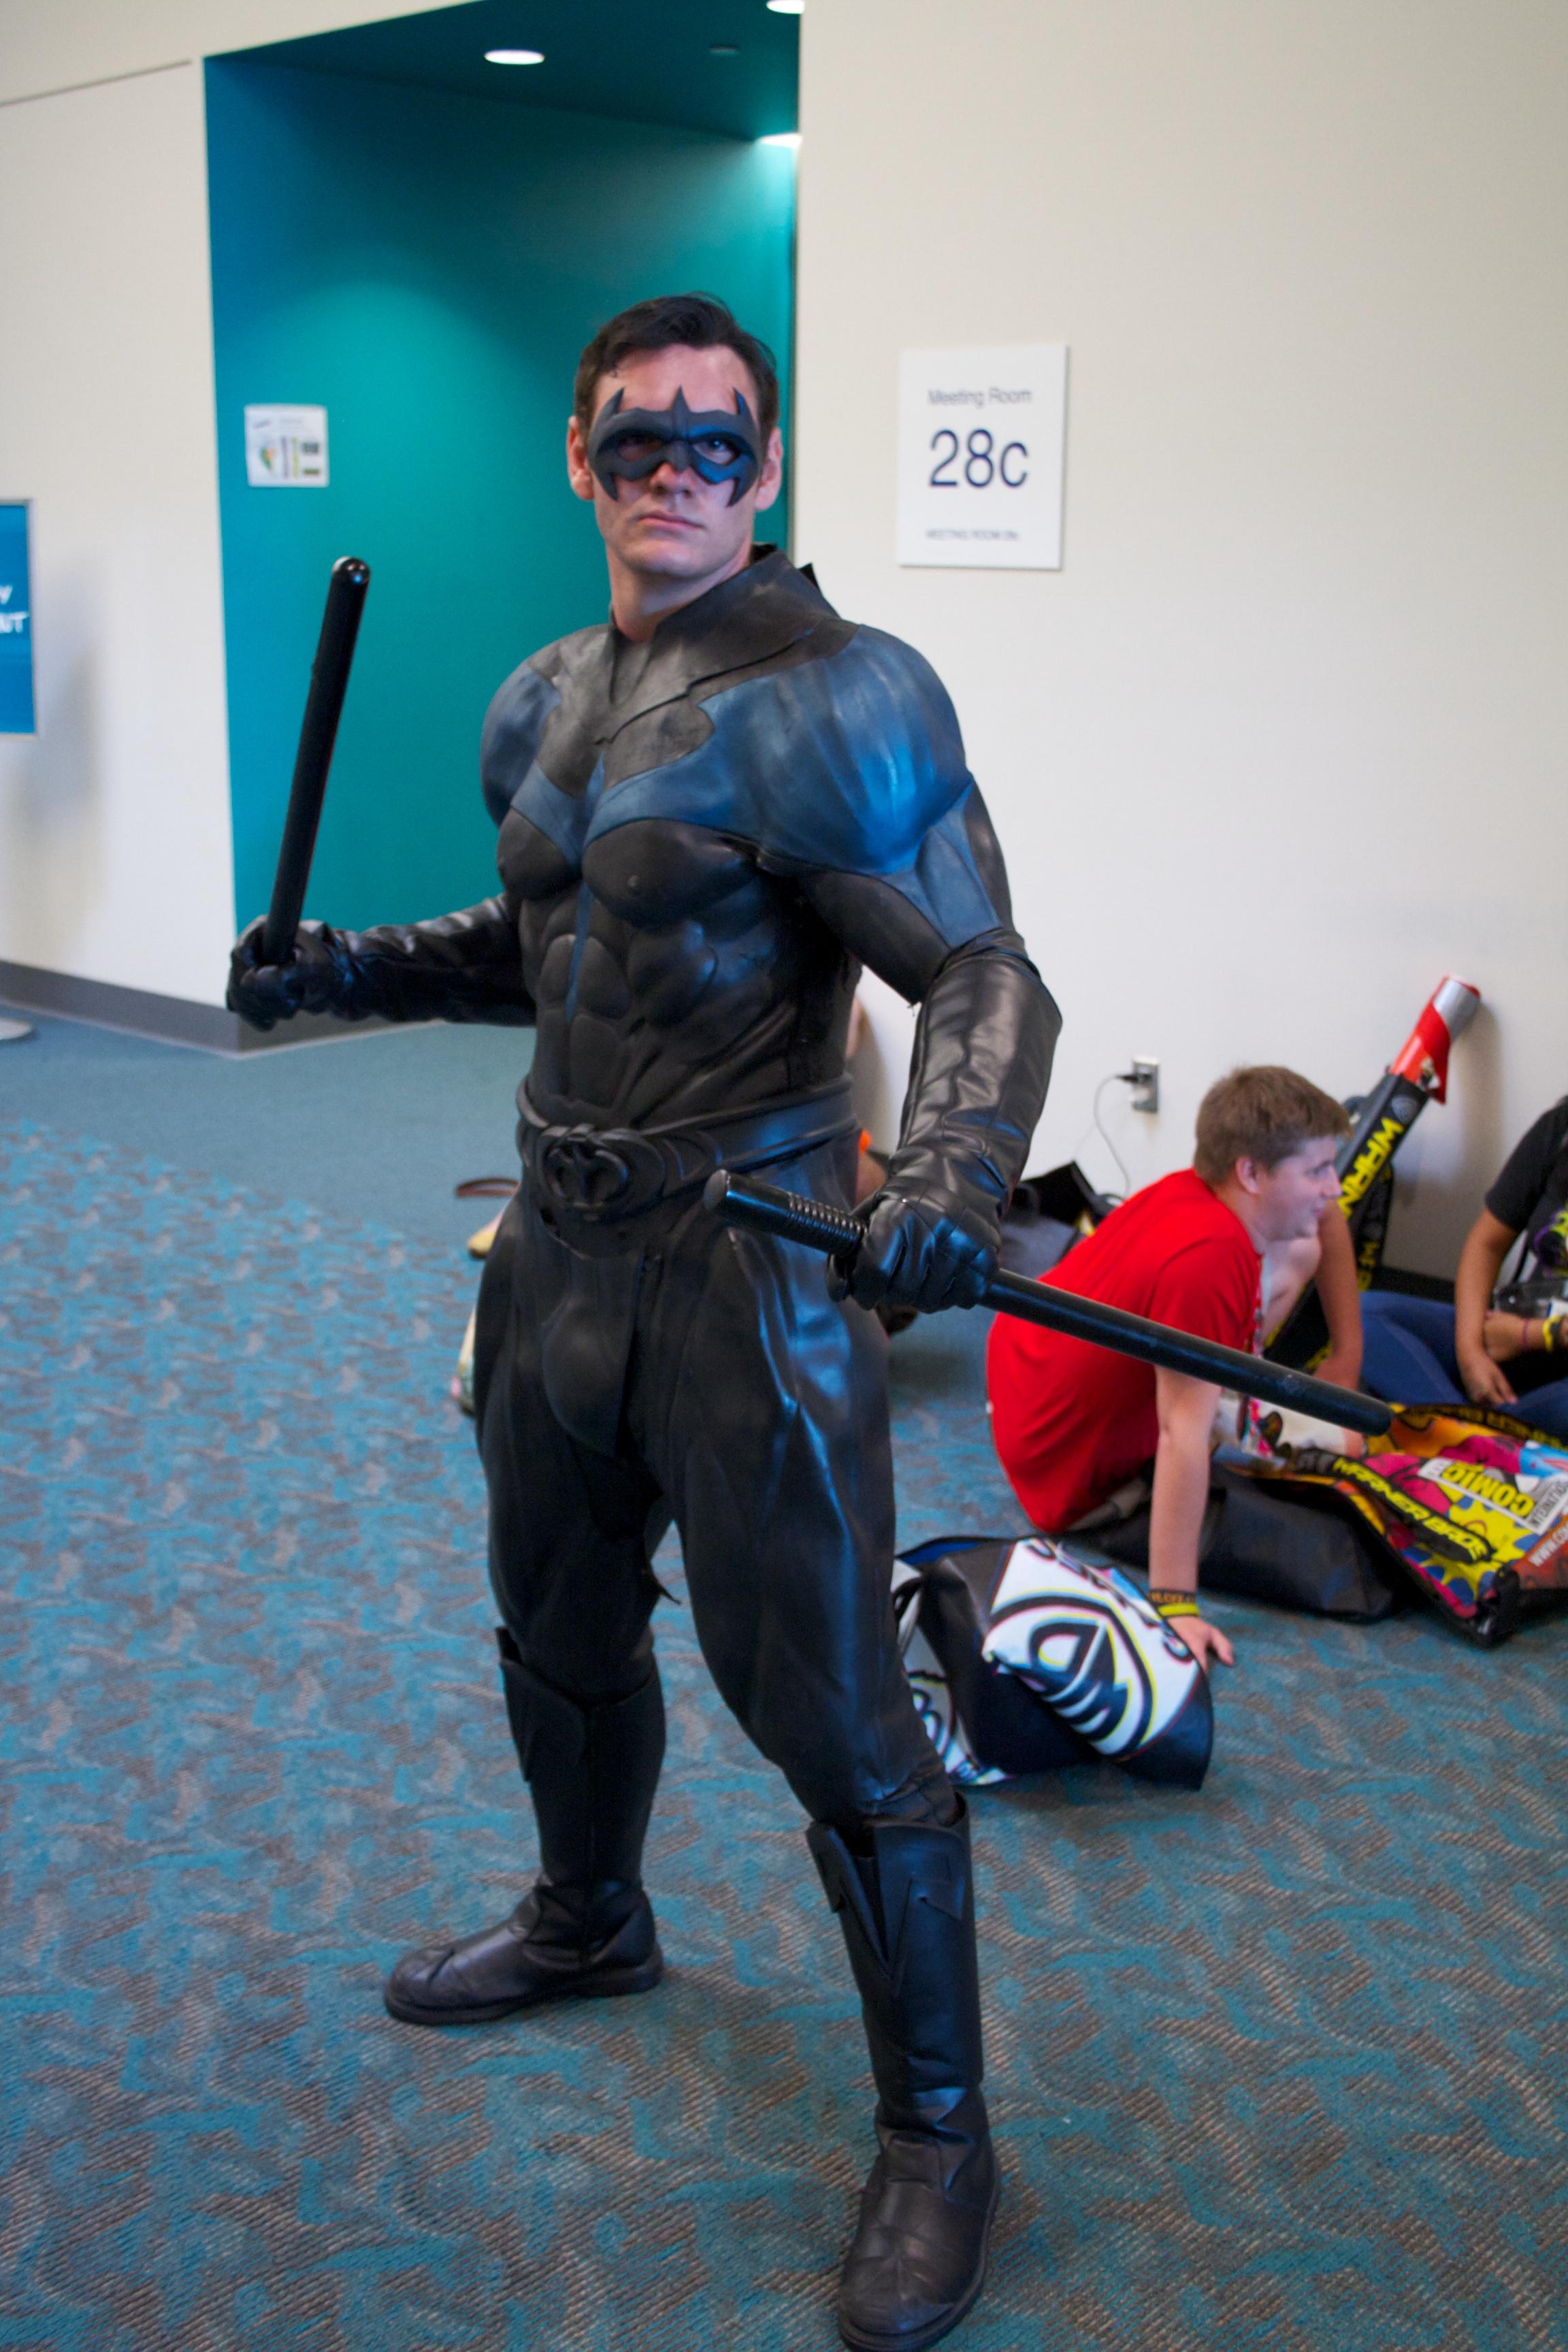 File:Nightwing cosplay.jpg